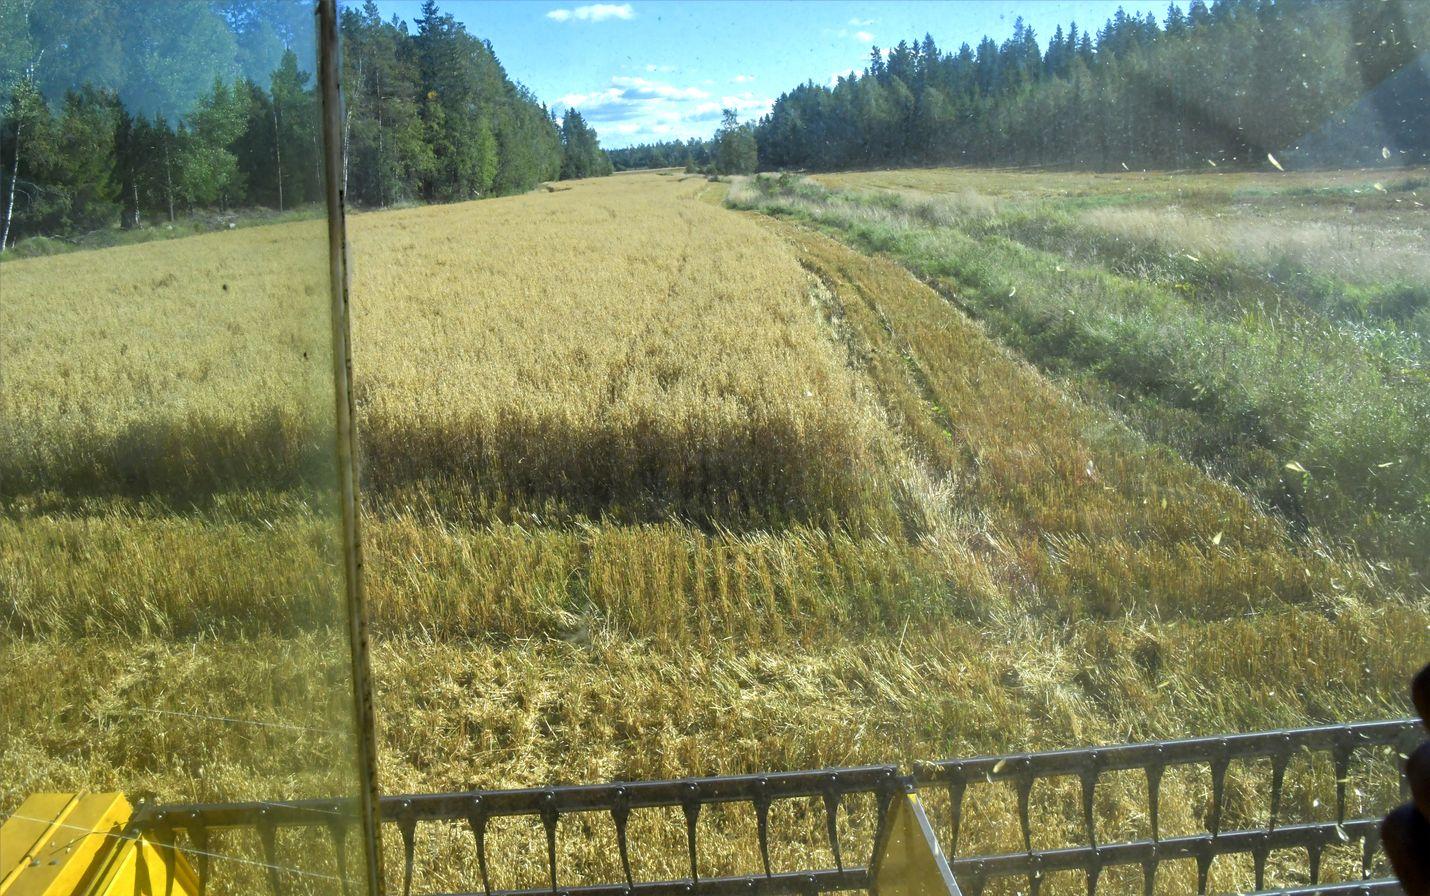 Kirjoittaja muistuttaa, että vastakkaisista luuloista huolimatta Suomen maataloudessa on tehty paljon ympäristönsuojelun eteen.